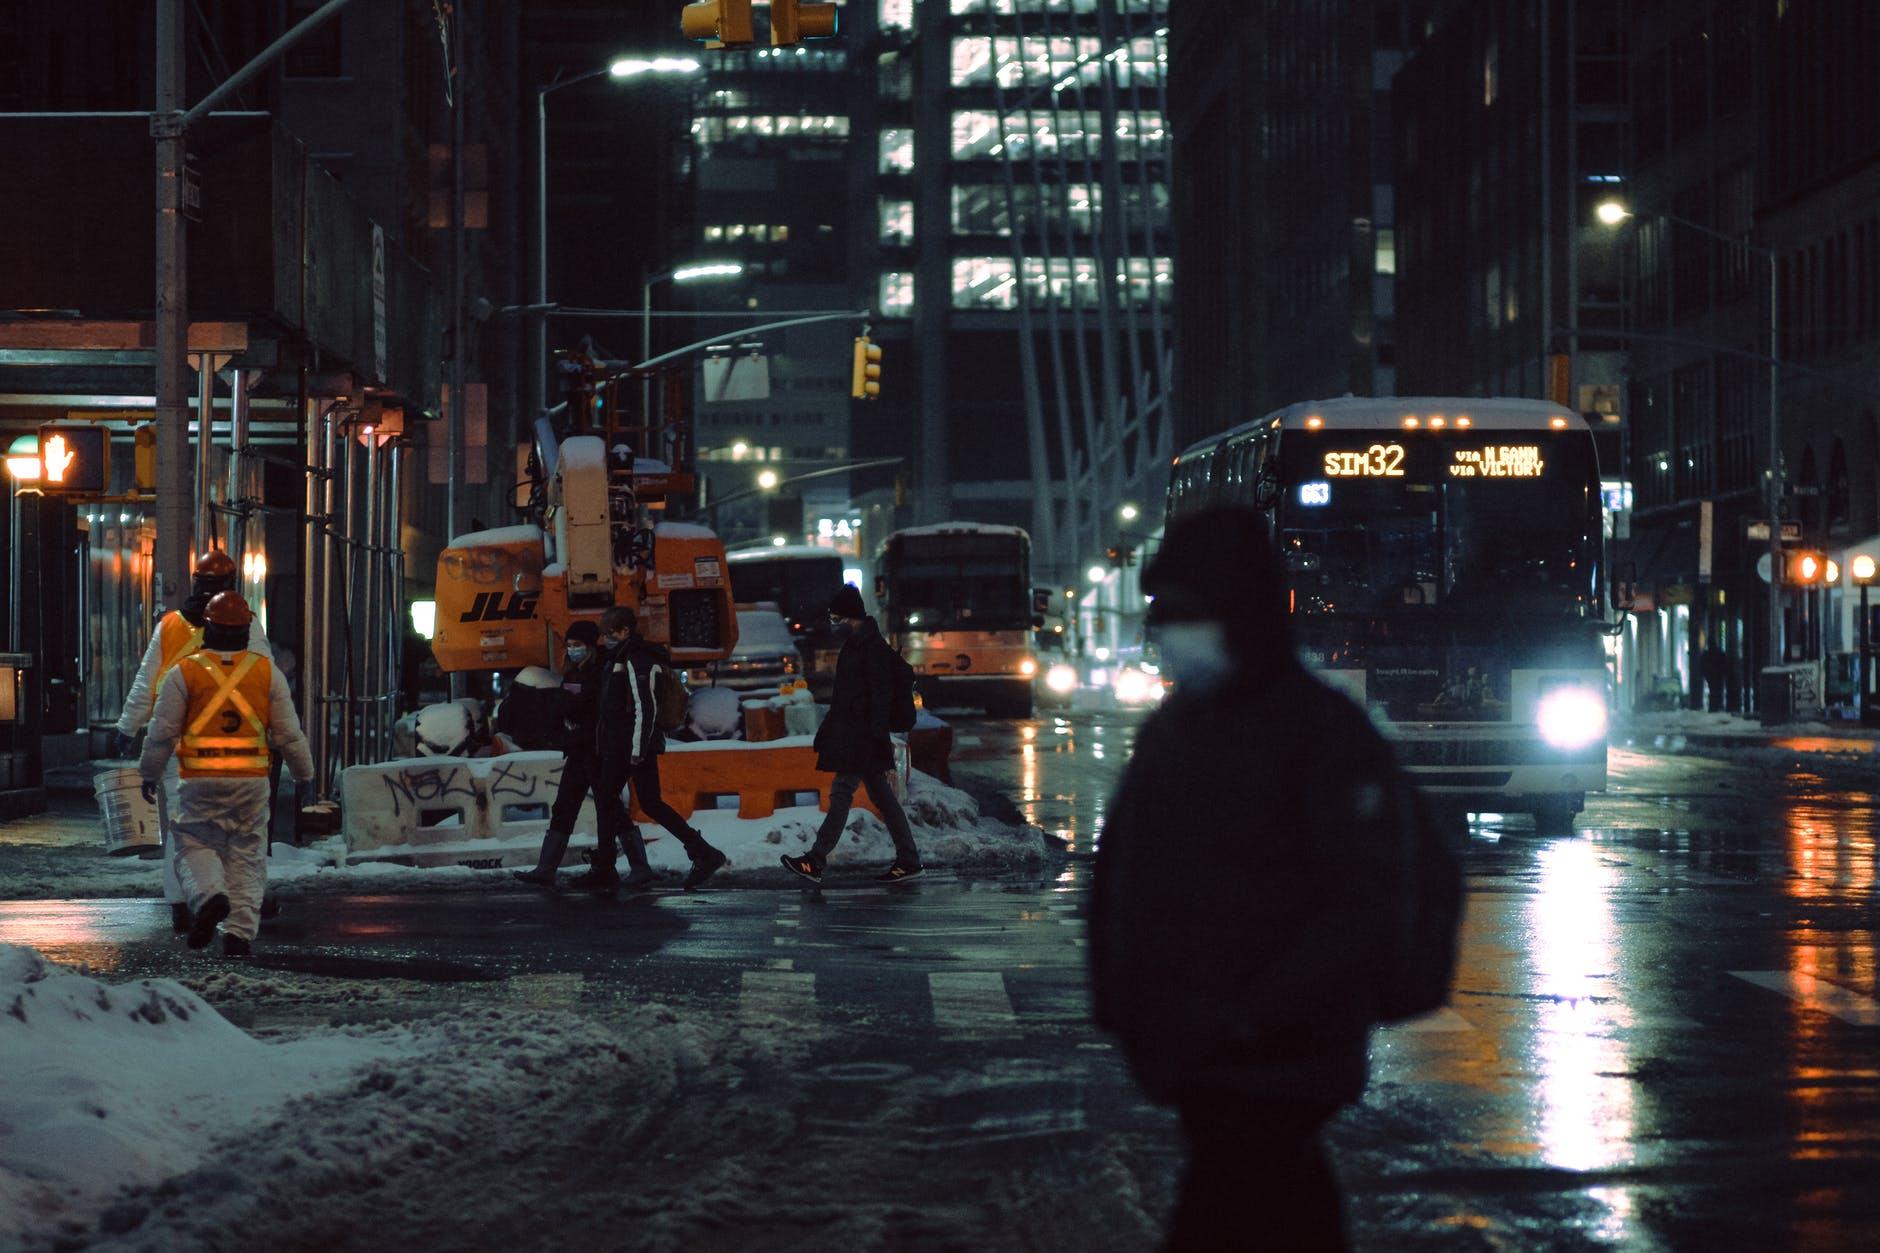 people walking on snowy road with bus on dark street